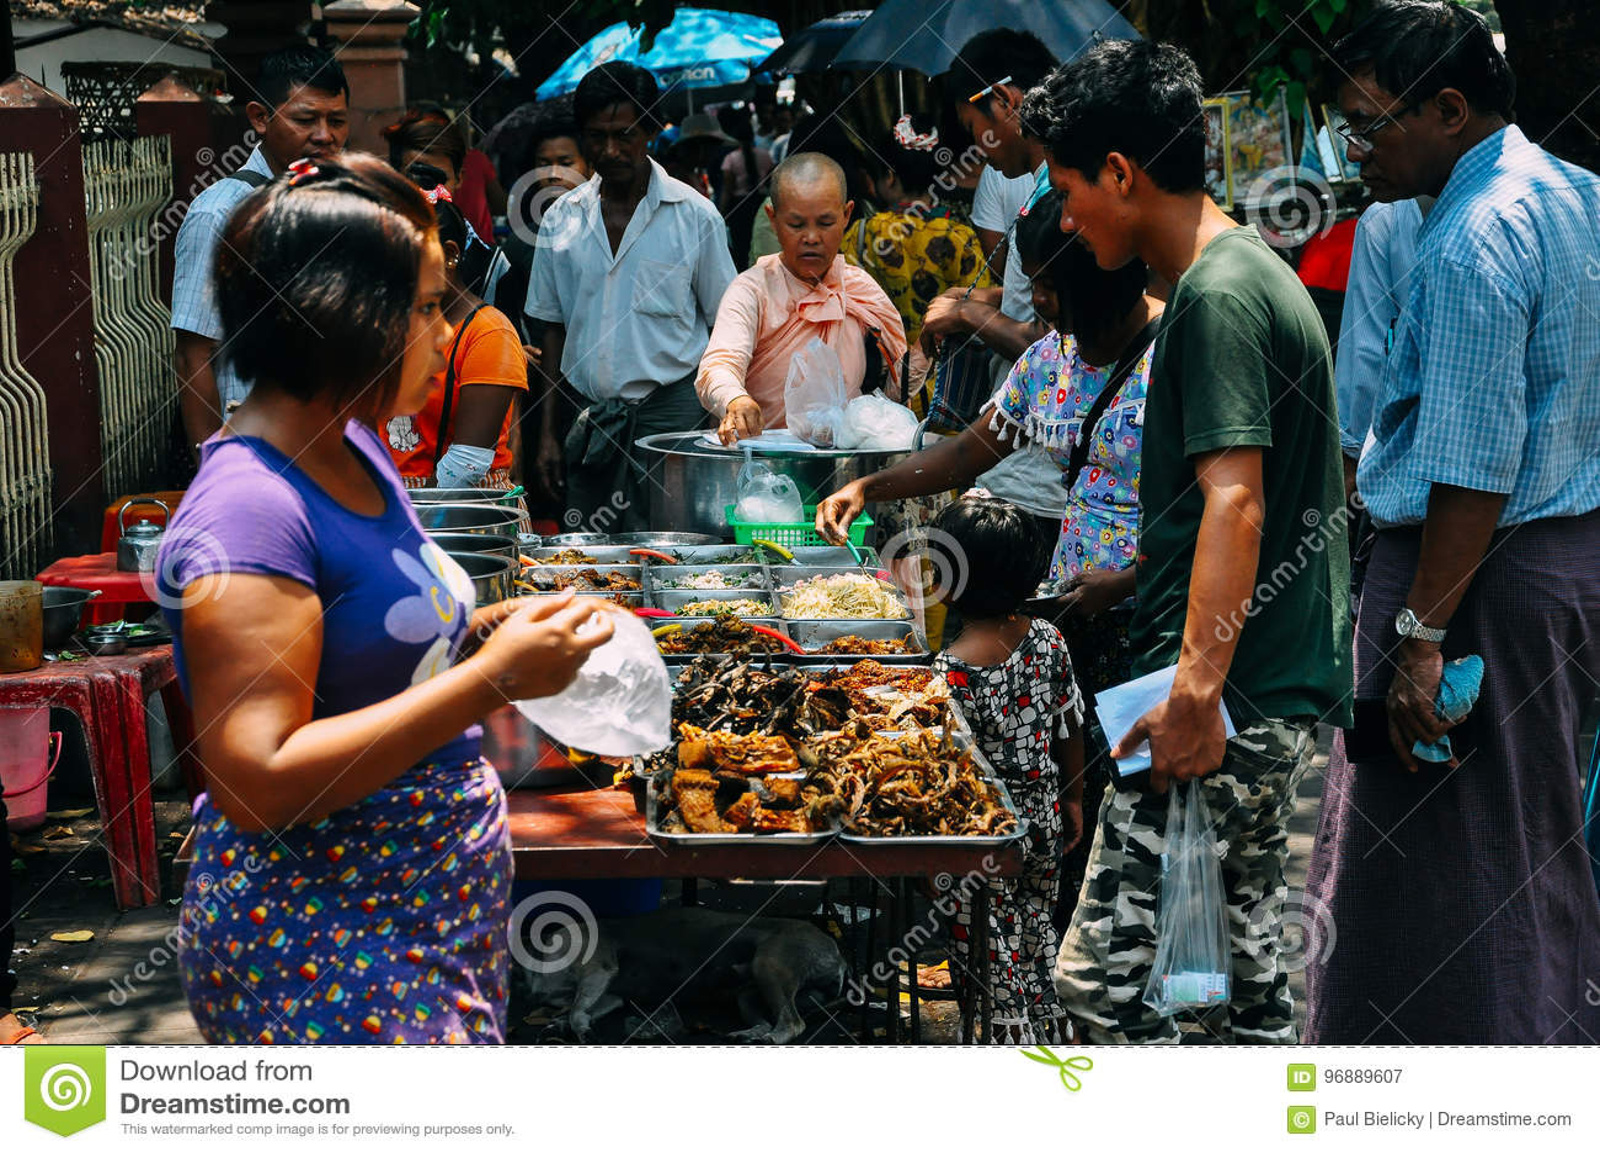 Selling street food in Yangon.